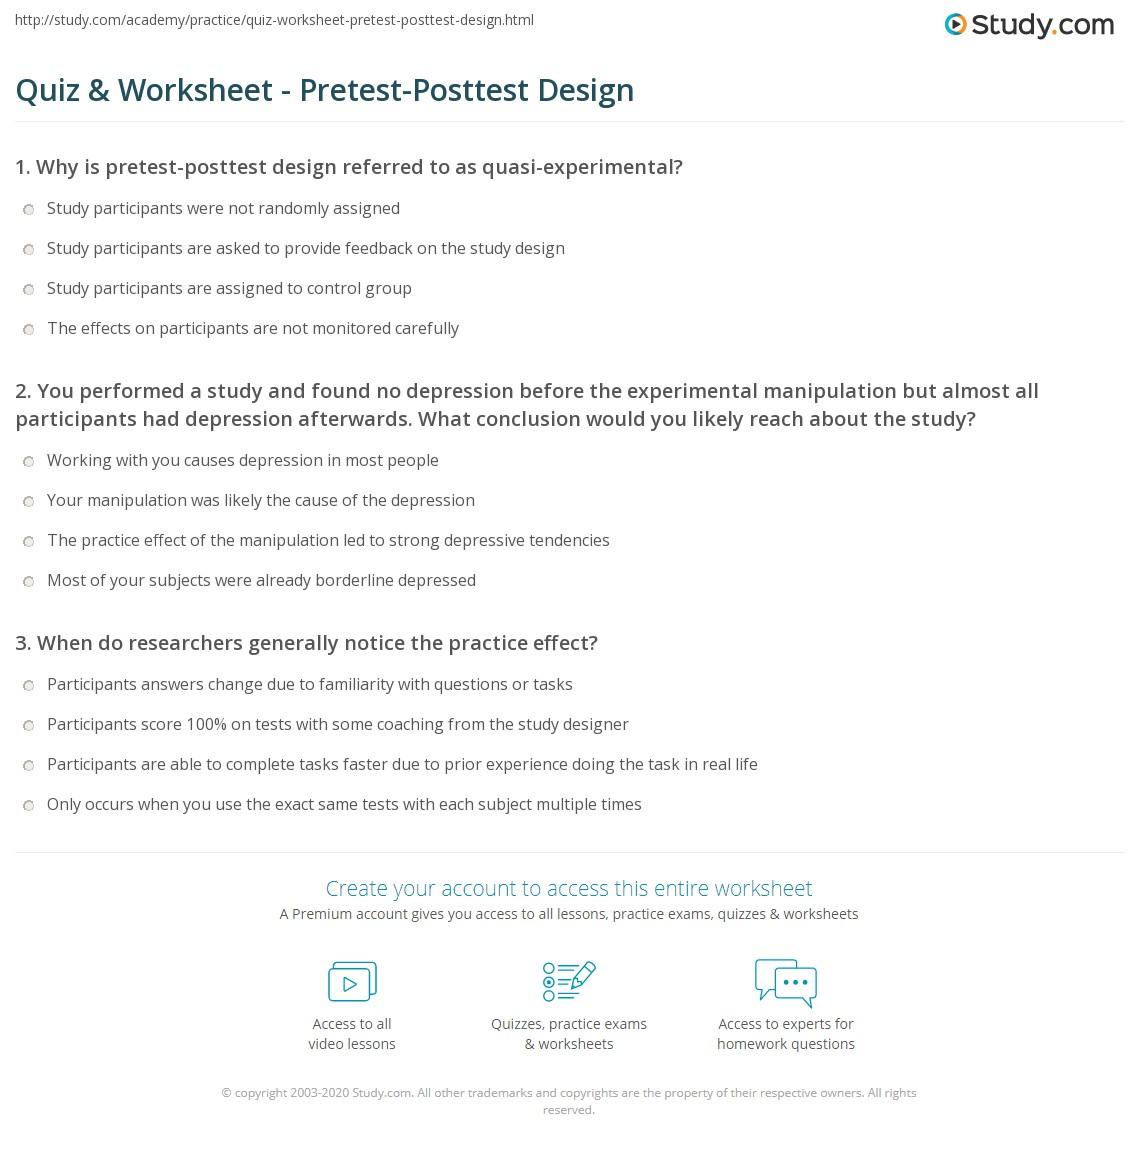 Quiz Worksheet PretestPosttest Design – Designing an Experiment Worksheet